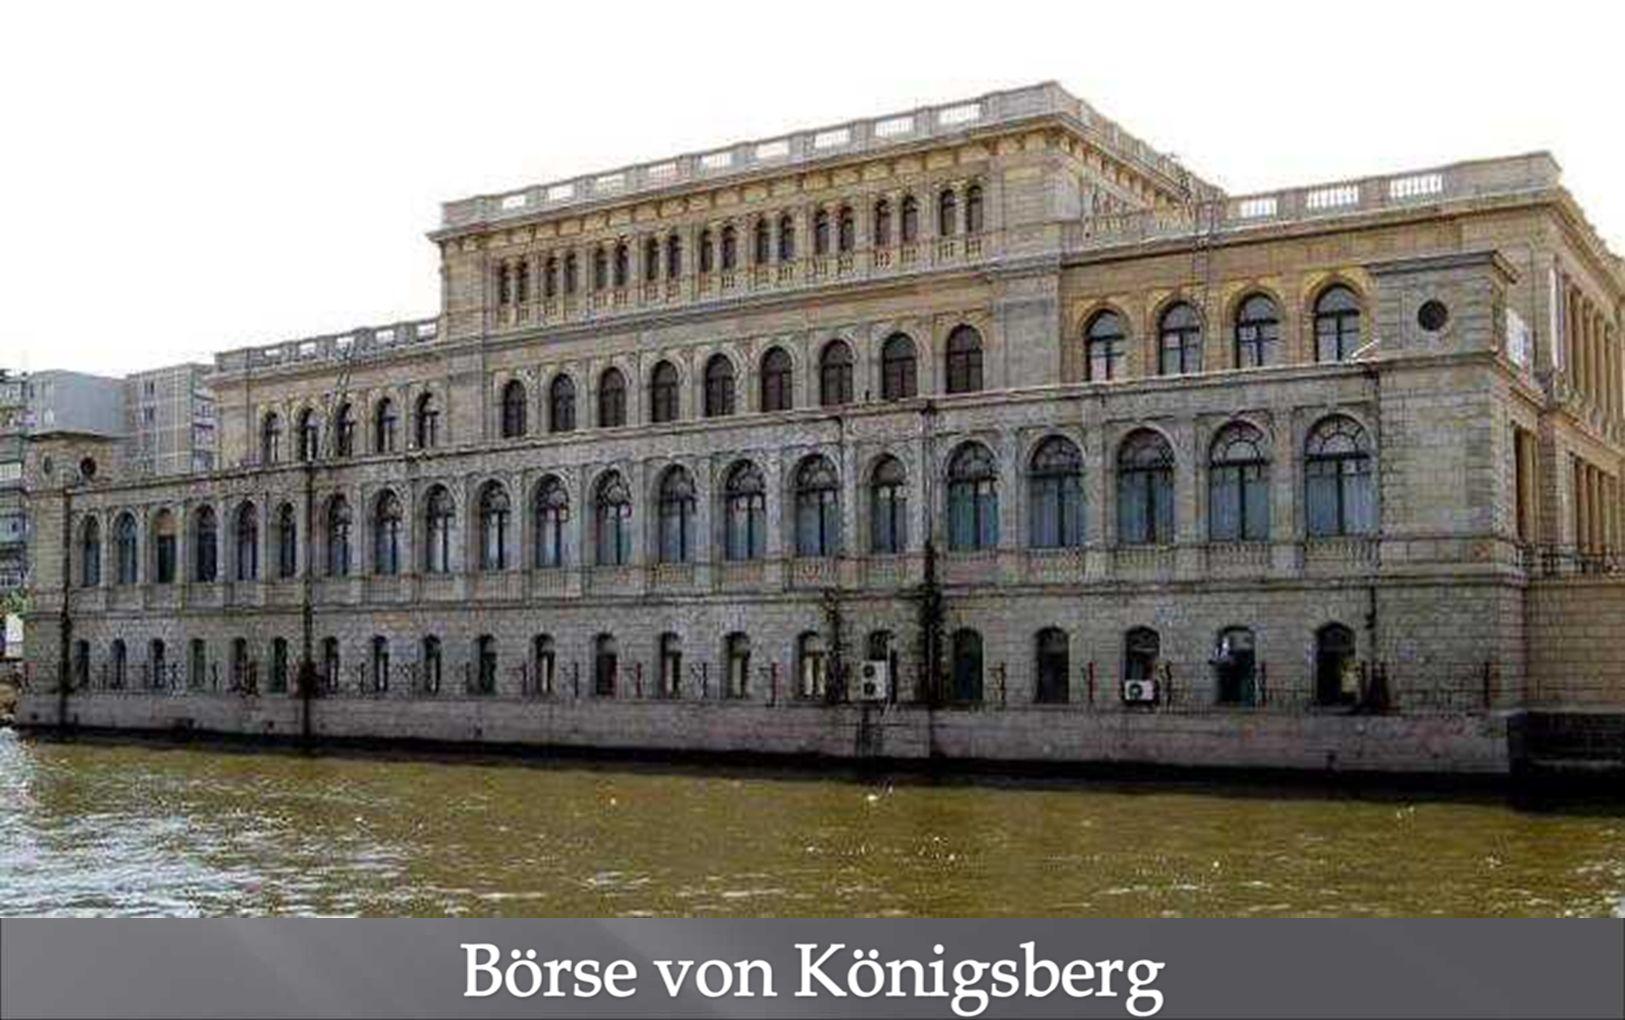 Eines der wenigen Gebäude aus der deutschen Zeit: Die Börse von Königsberg war einst Zentrum des weltberühmten Getreide- und Produkthandels.